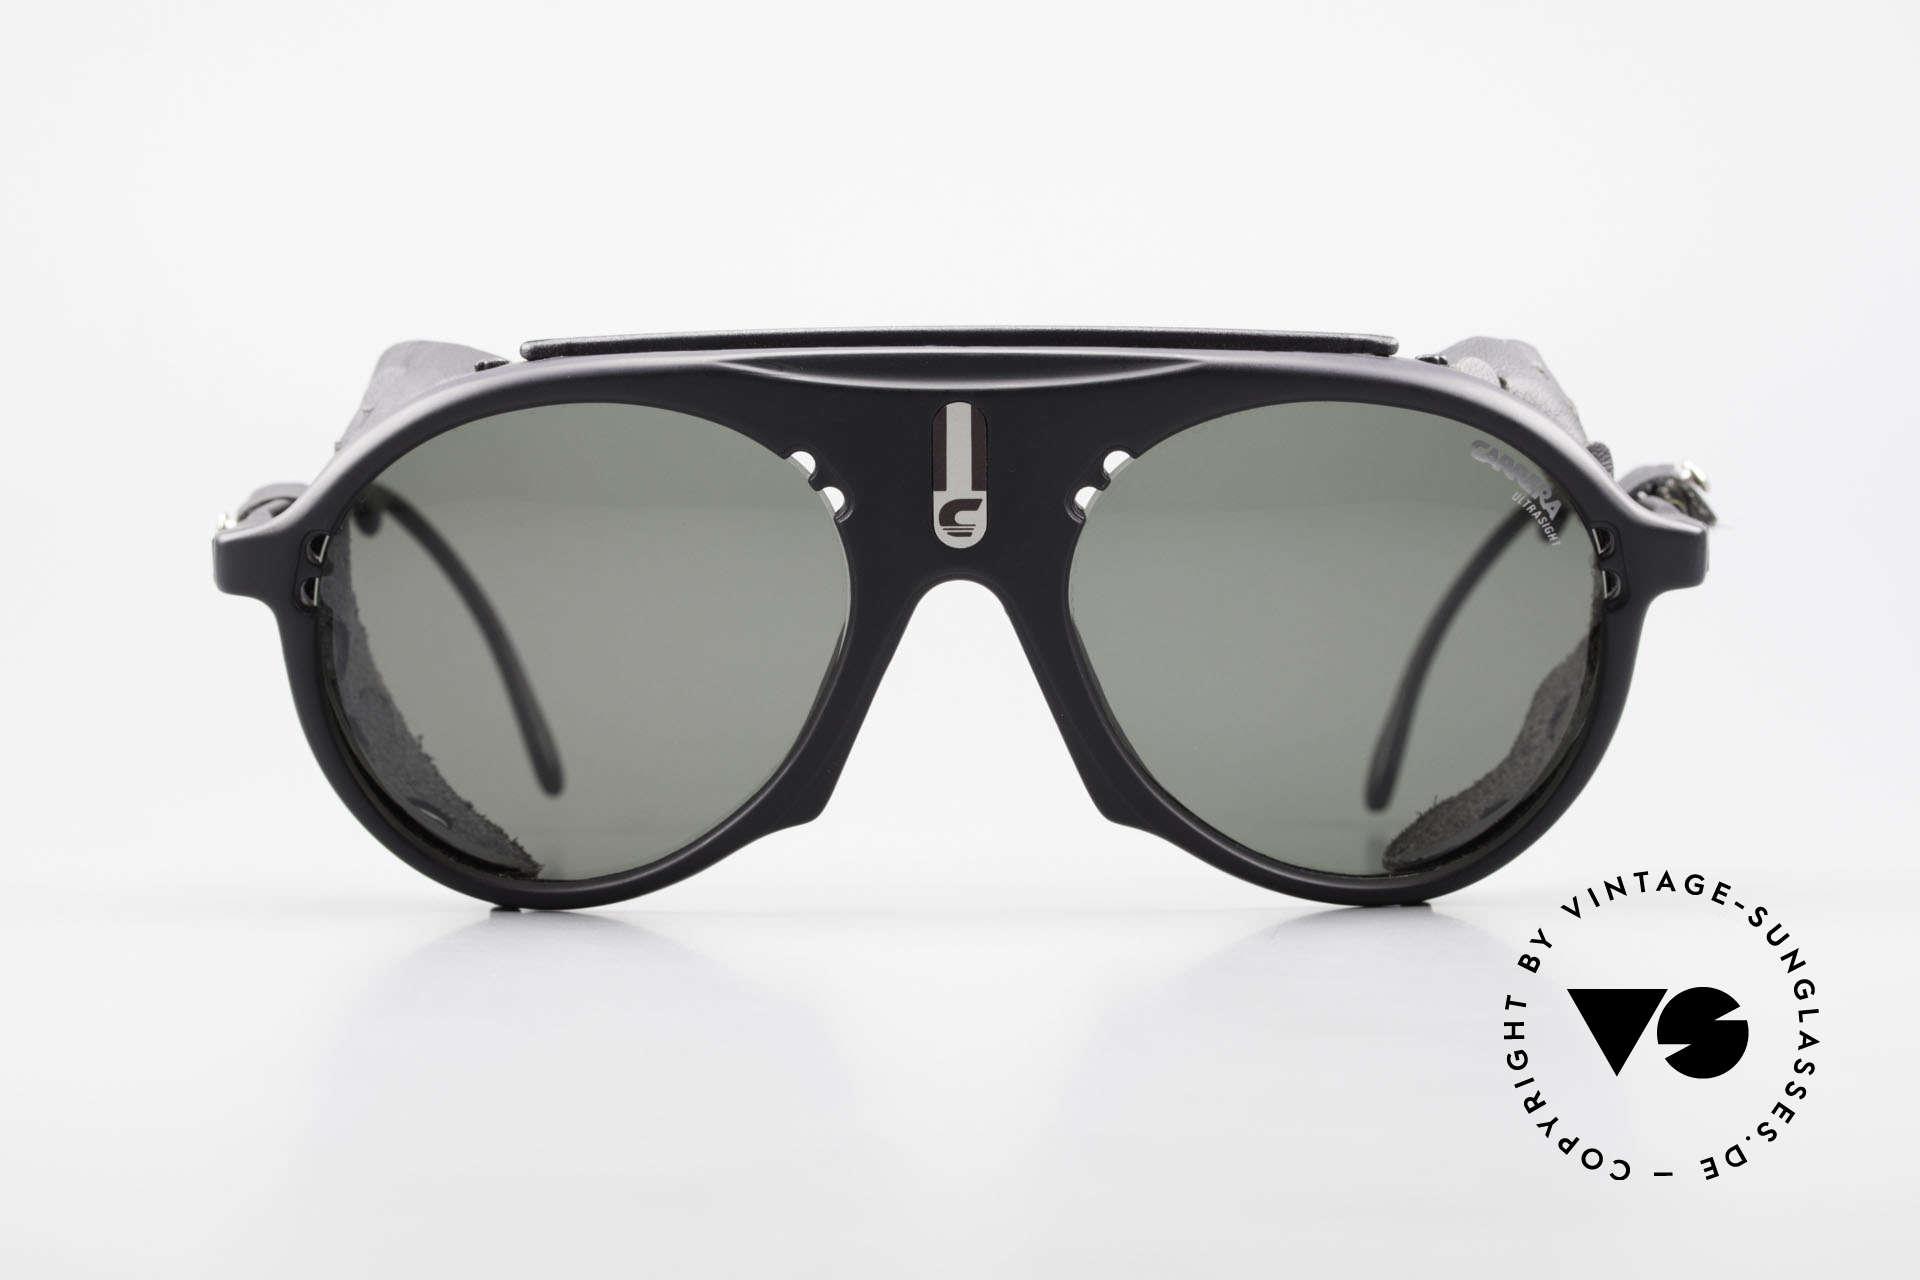 Carrera 5436 Gletscher Brille Water & Ice, konzipiert für den hochalpinen Einsatz & Wassersport, Passend für Herren